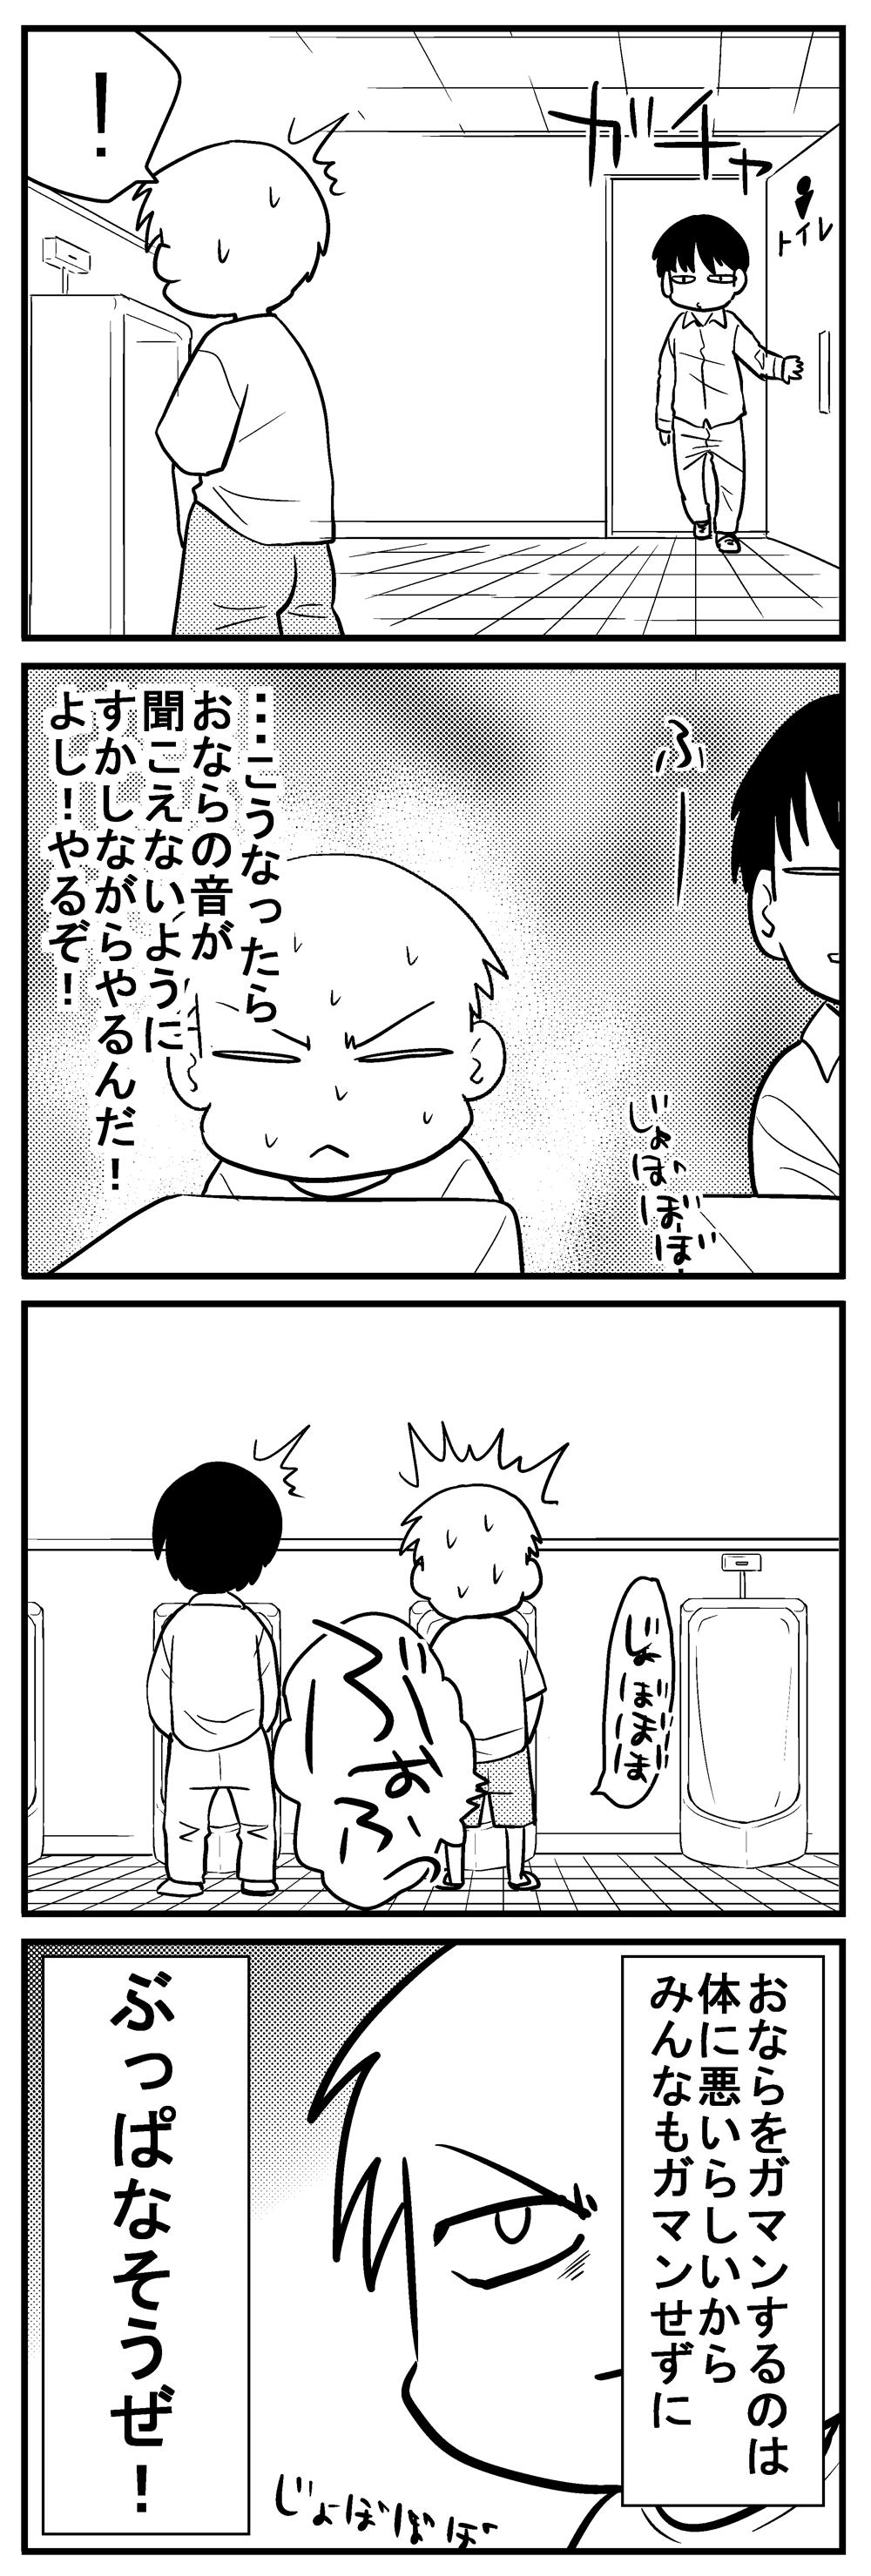 深読みくん58-4